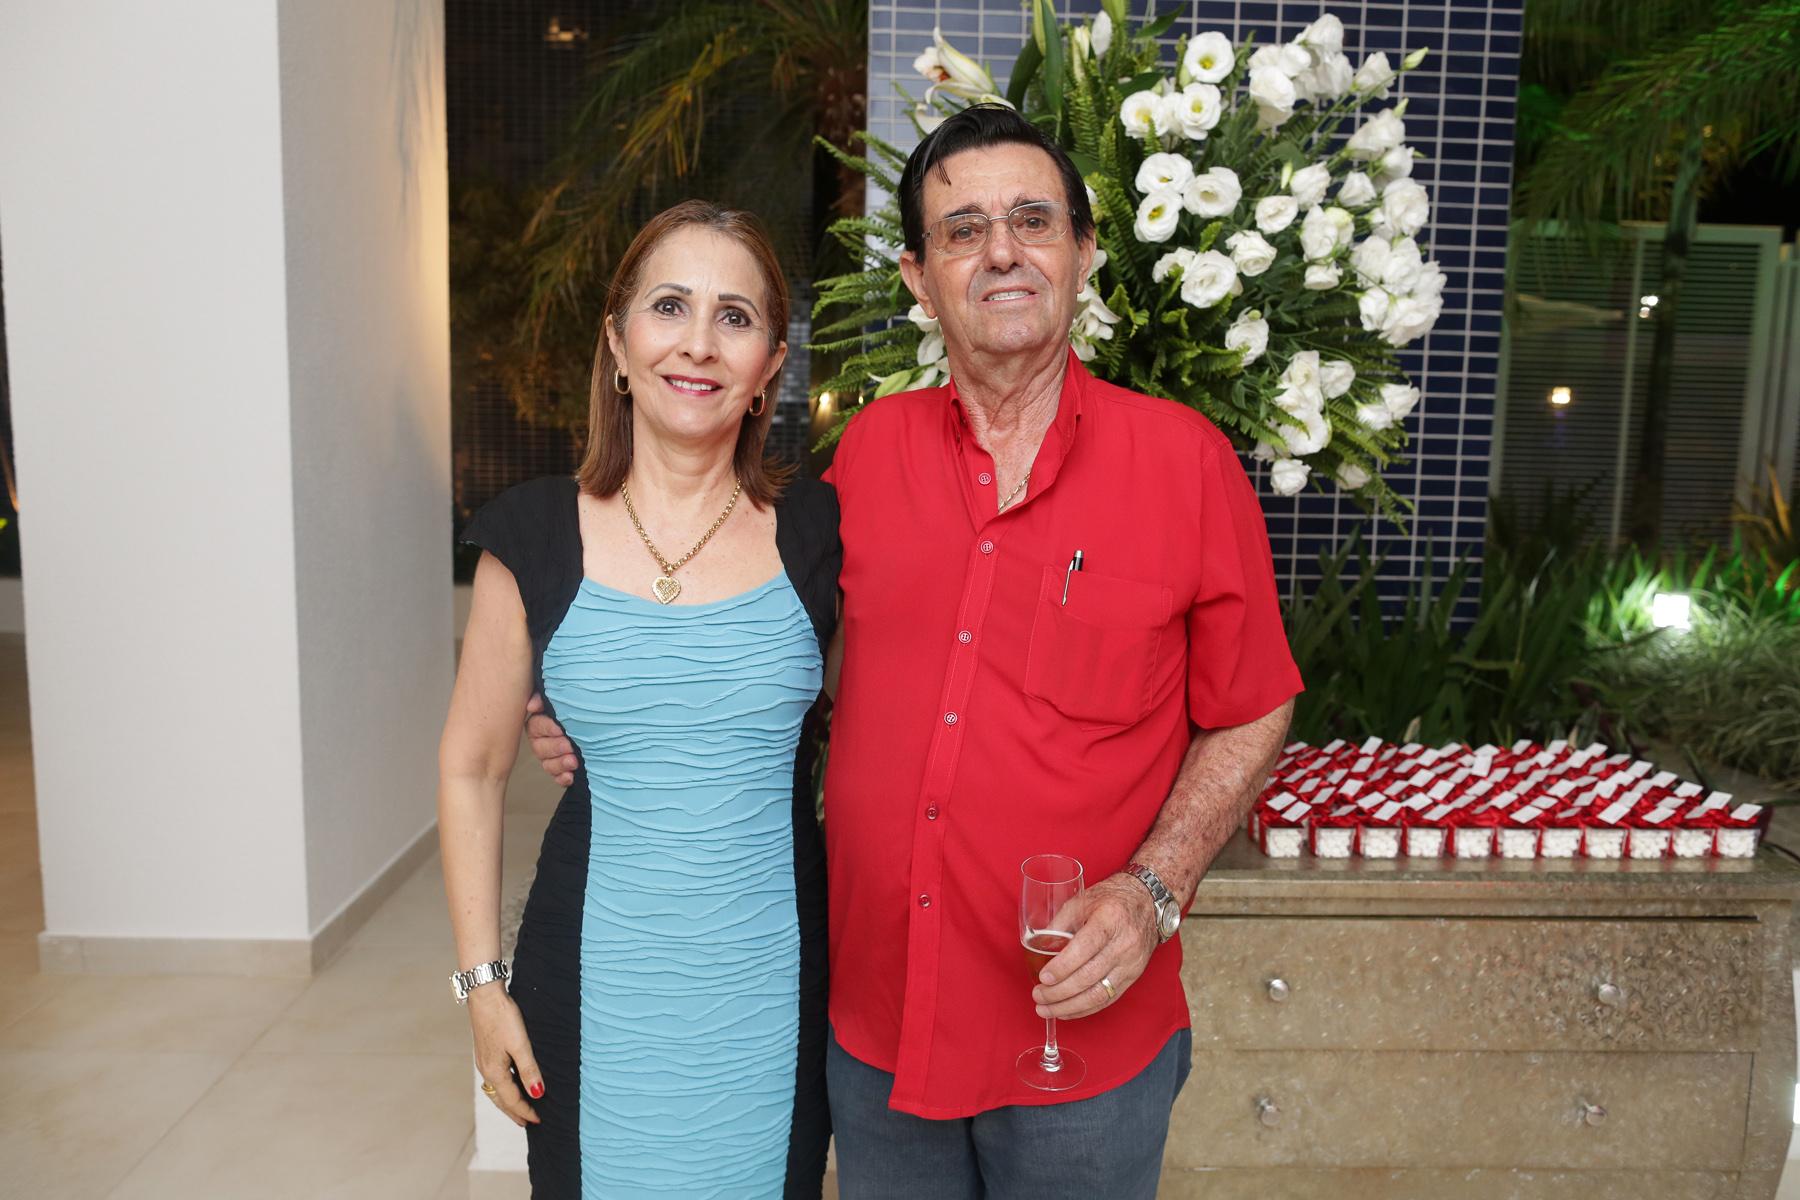 Clientes do empreendimento, Ari Alves Pereira e esposa Sirene